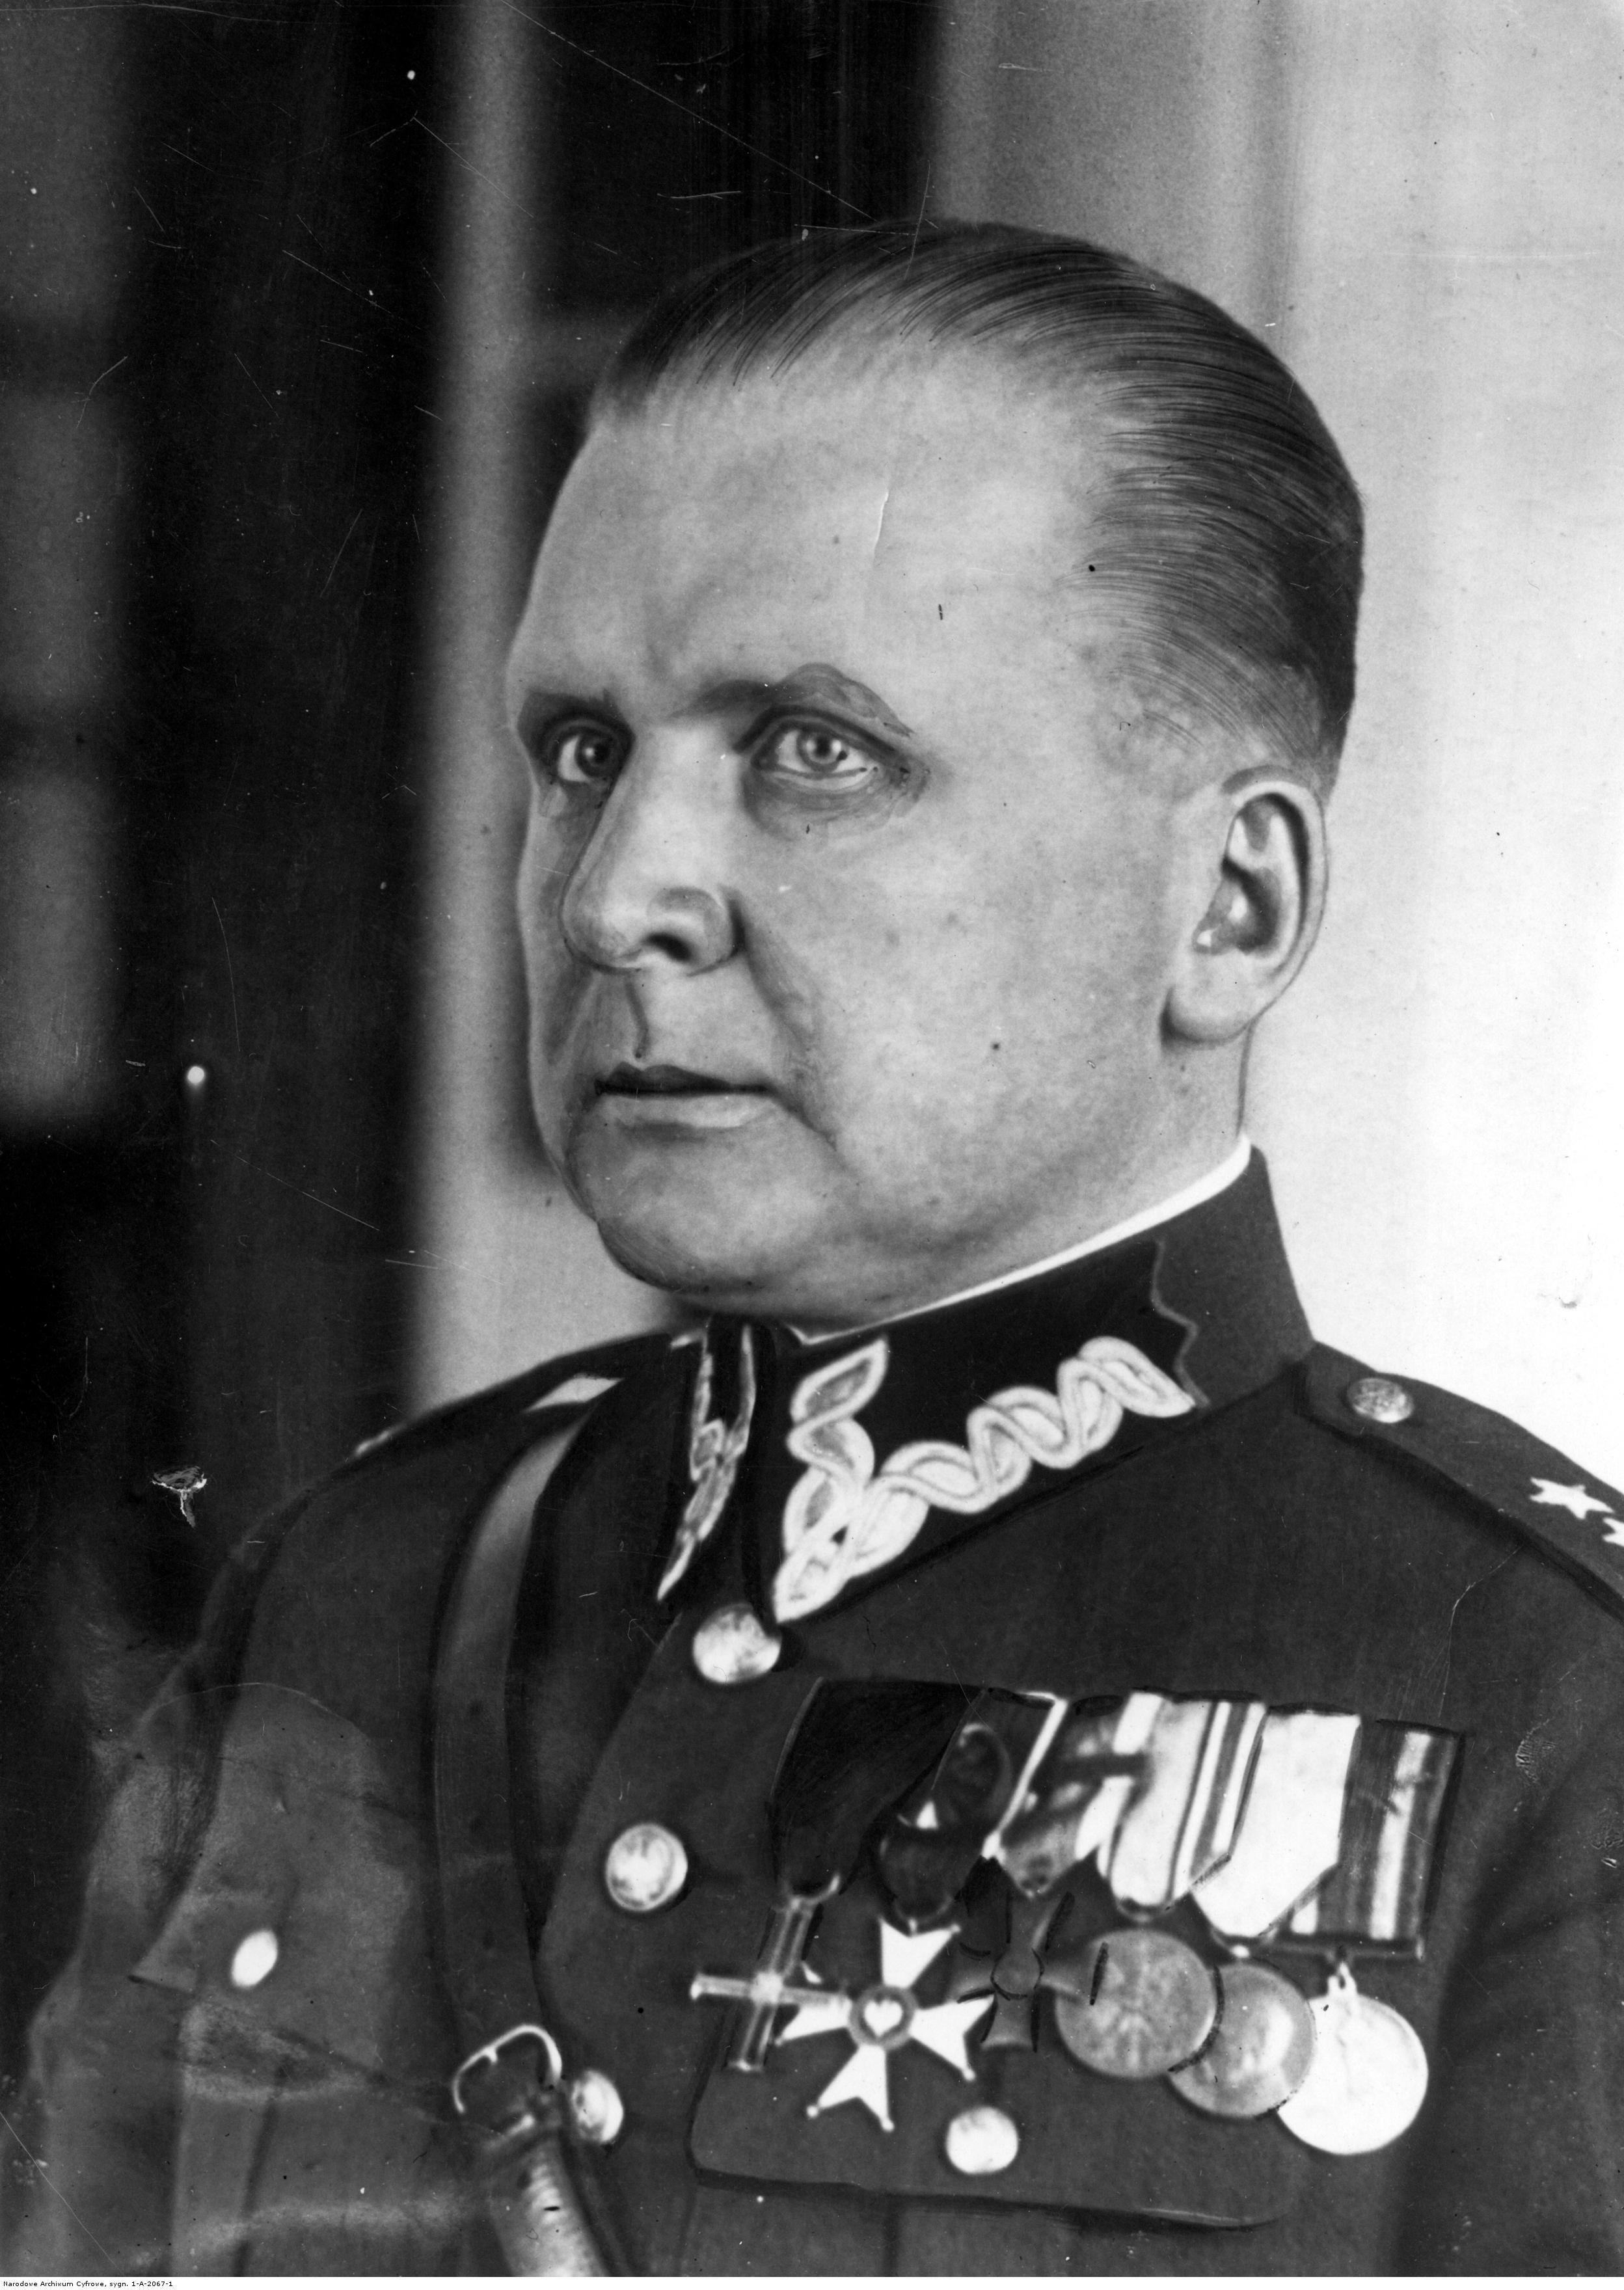 Opis obrazu: Emil Kaliński, minister poczt i telegrafów. Fotografia portretowa. - PIC_1-A-2067-1